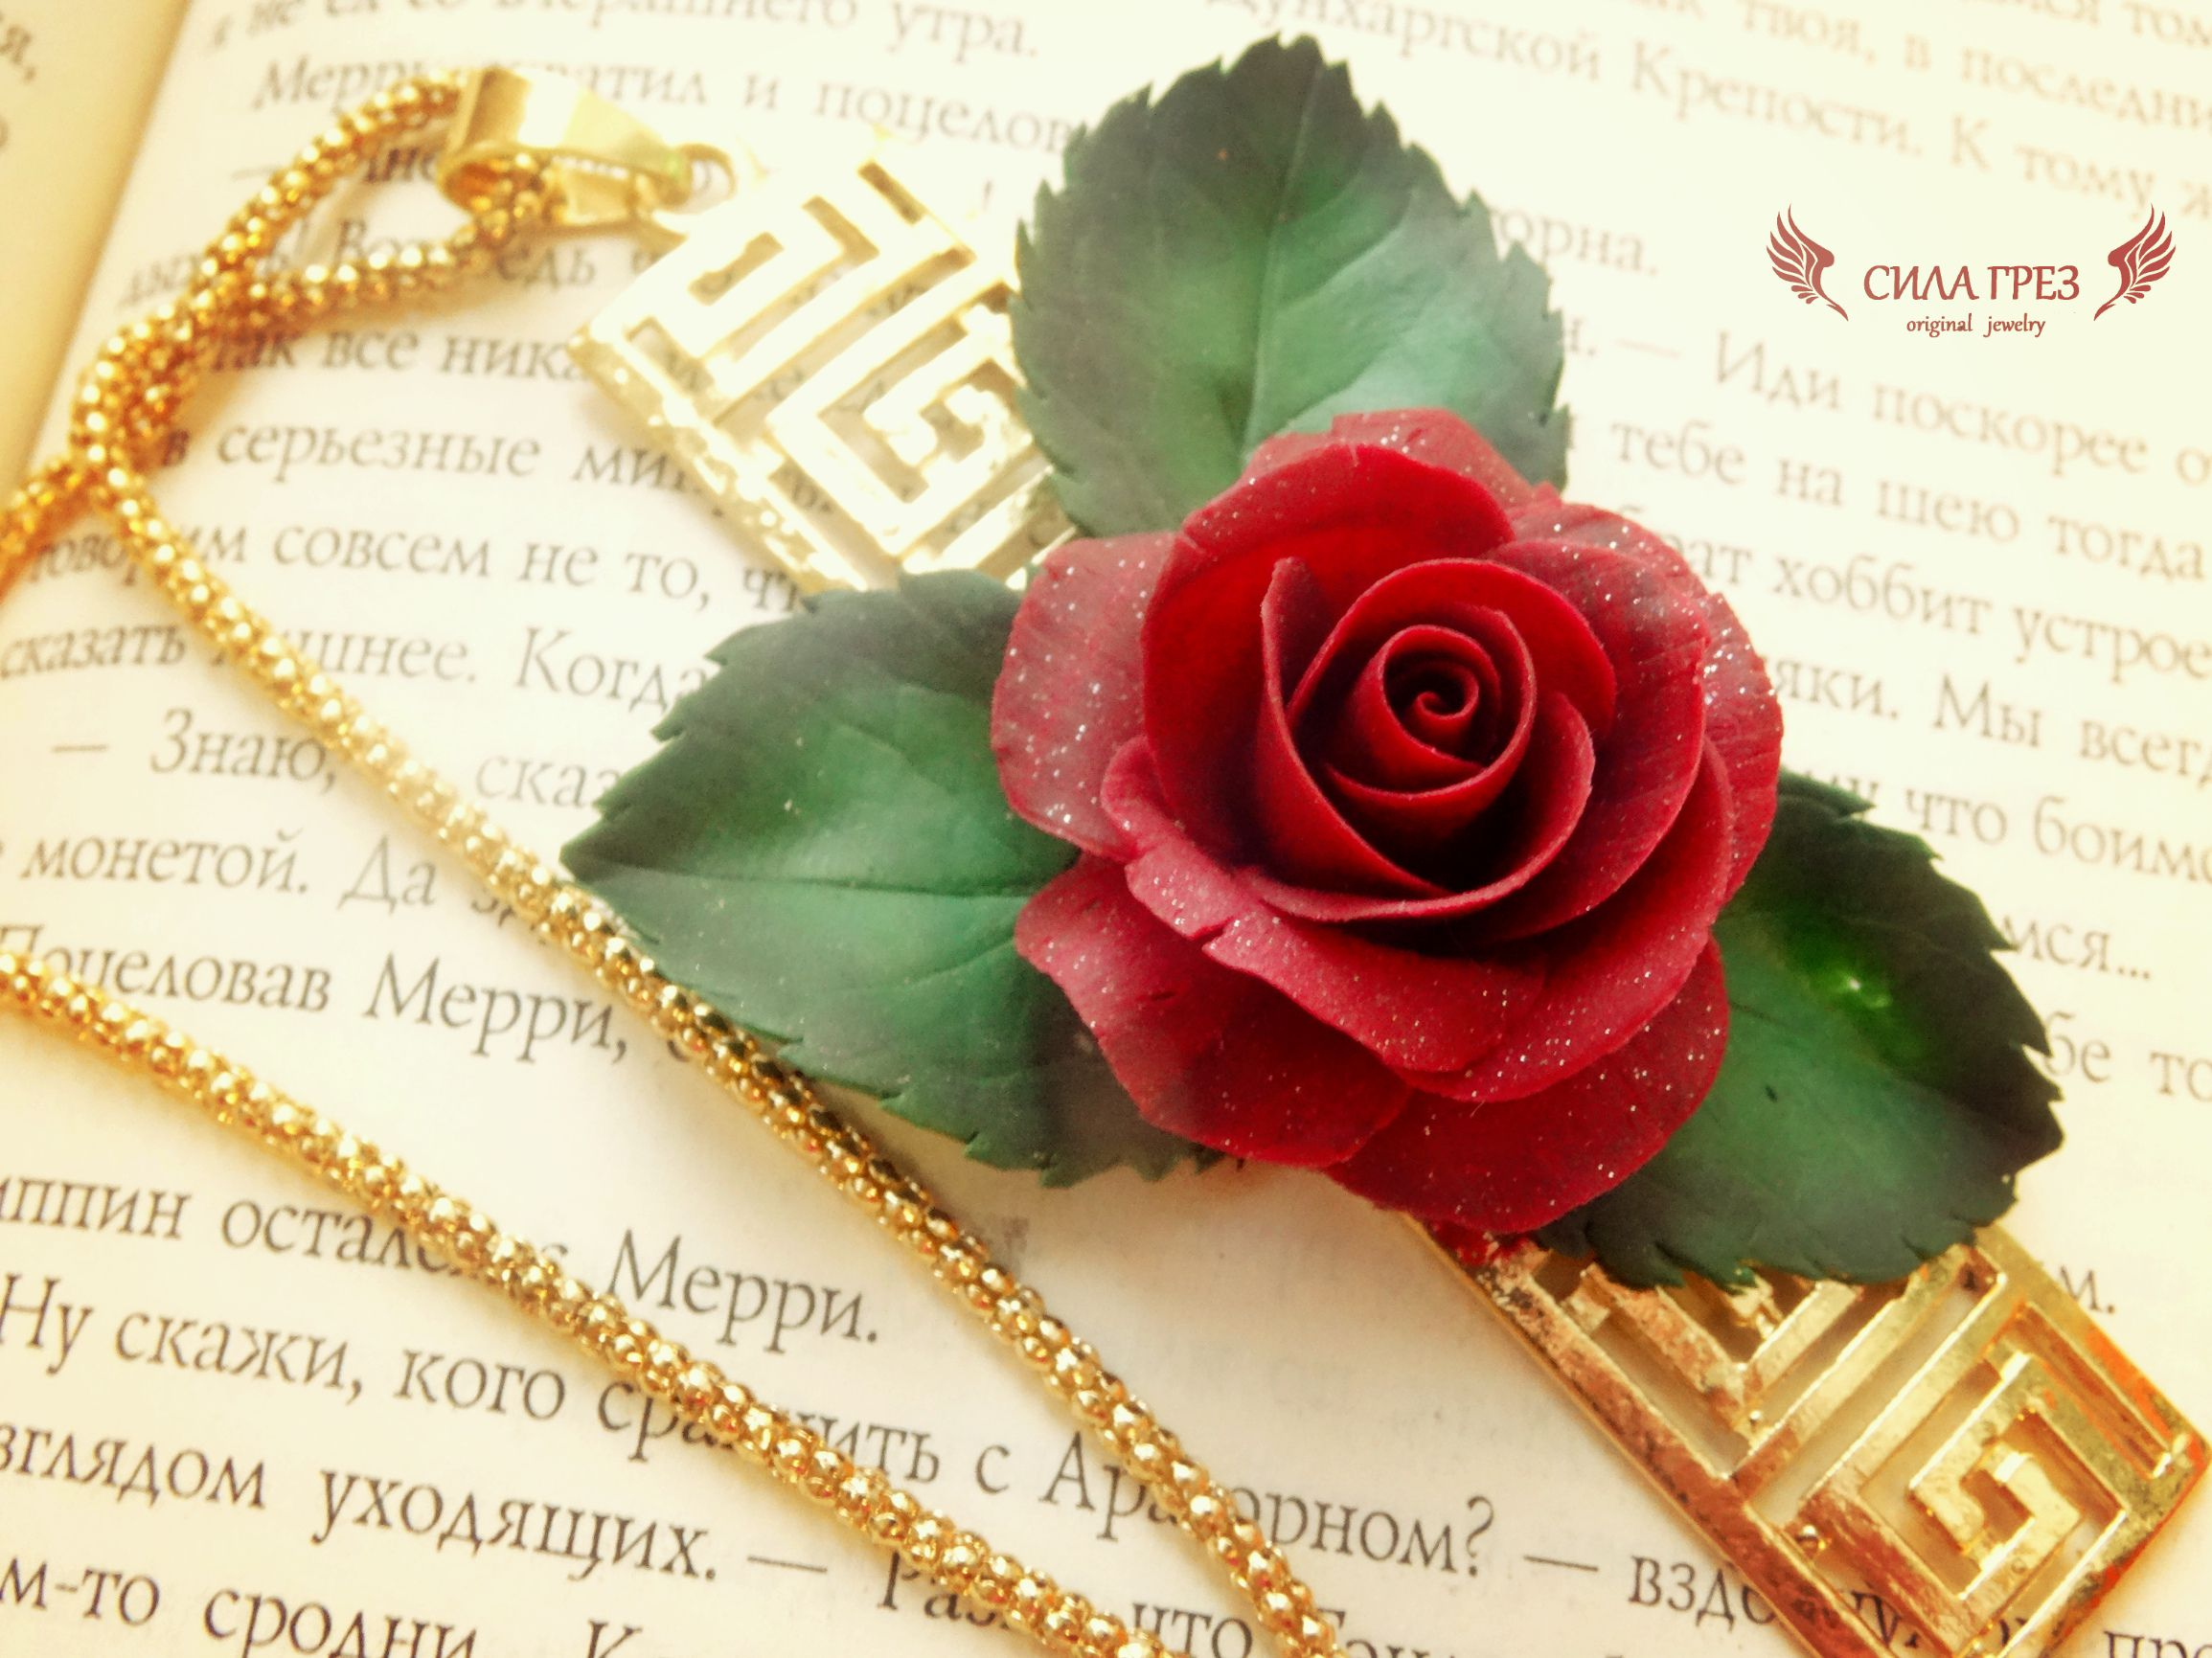 античность кулон украшение силагрез роза аксессуар подарок бордовый рукоделие полимернаяглина бижутерия